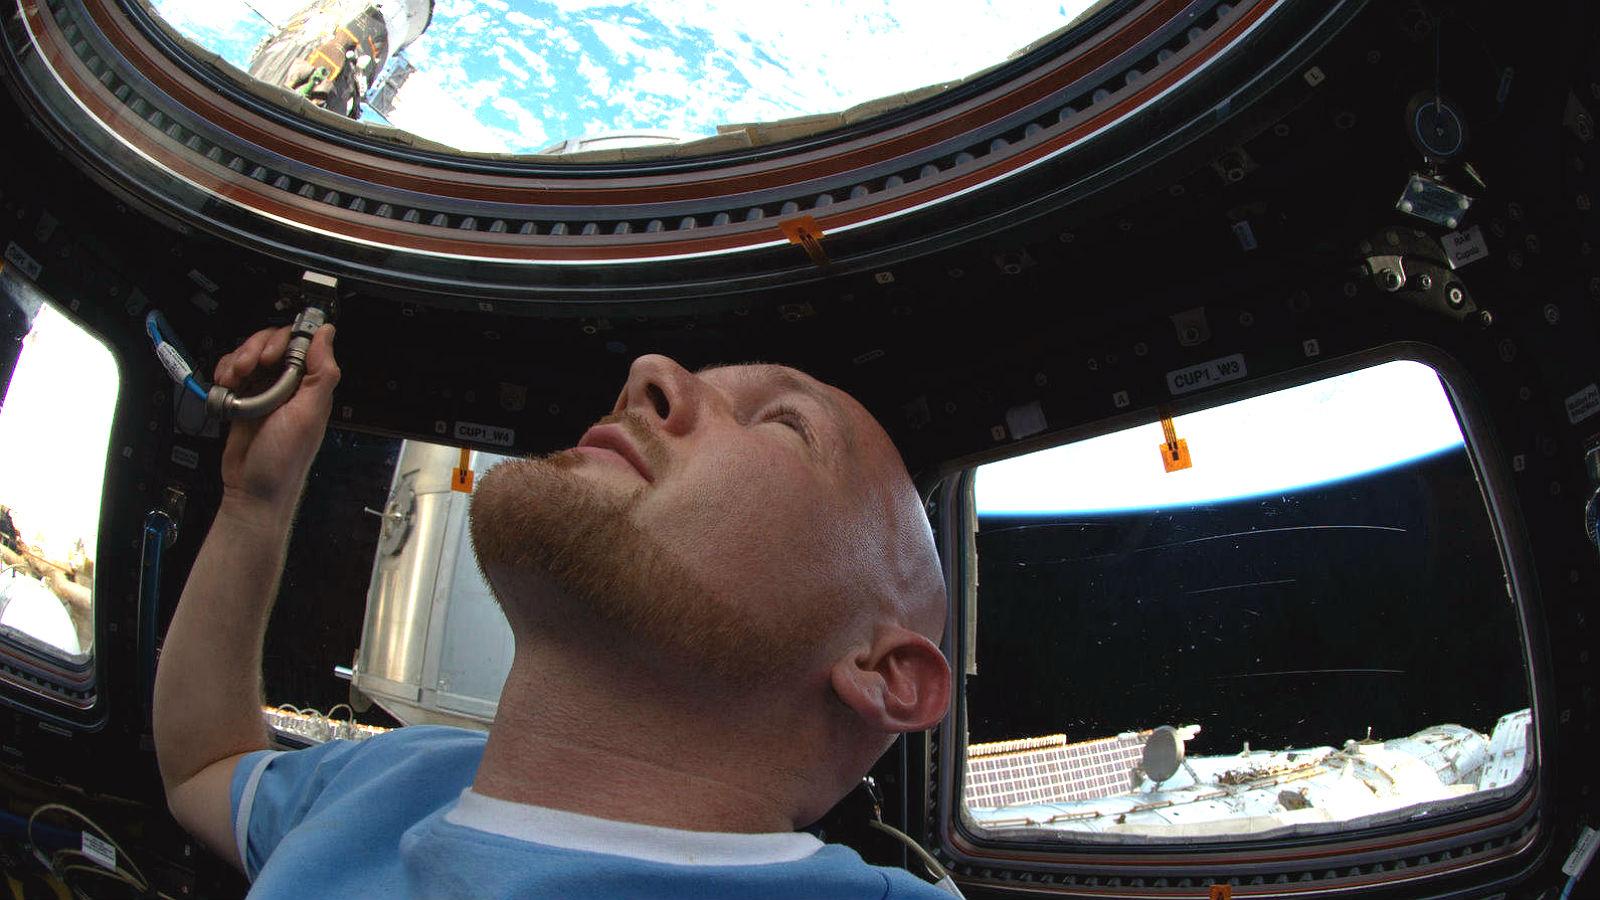 Alexander Gerst bei seinem ersten Aufenthalt an Bord der ISS. Eindrucksvoll hat er den faszinierenden Blick auf die Erde beschrieben, der aber oft auch die Umweltprobleme auf unserem Planeten zeigt. Bild: NASA/ESA